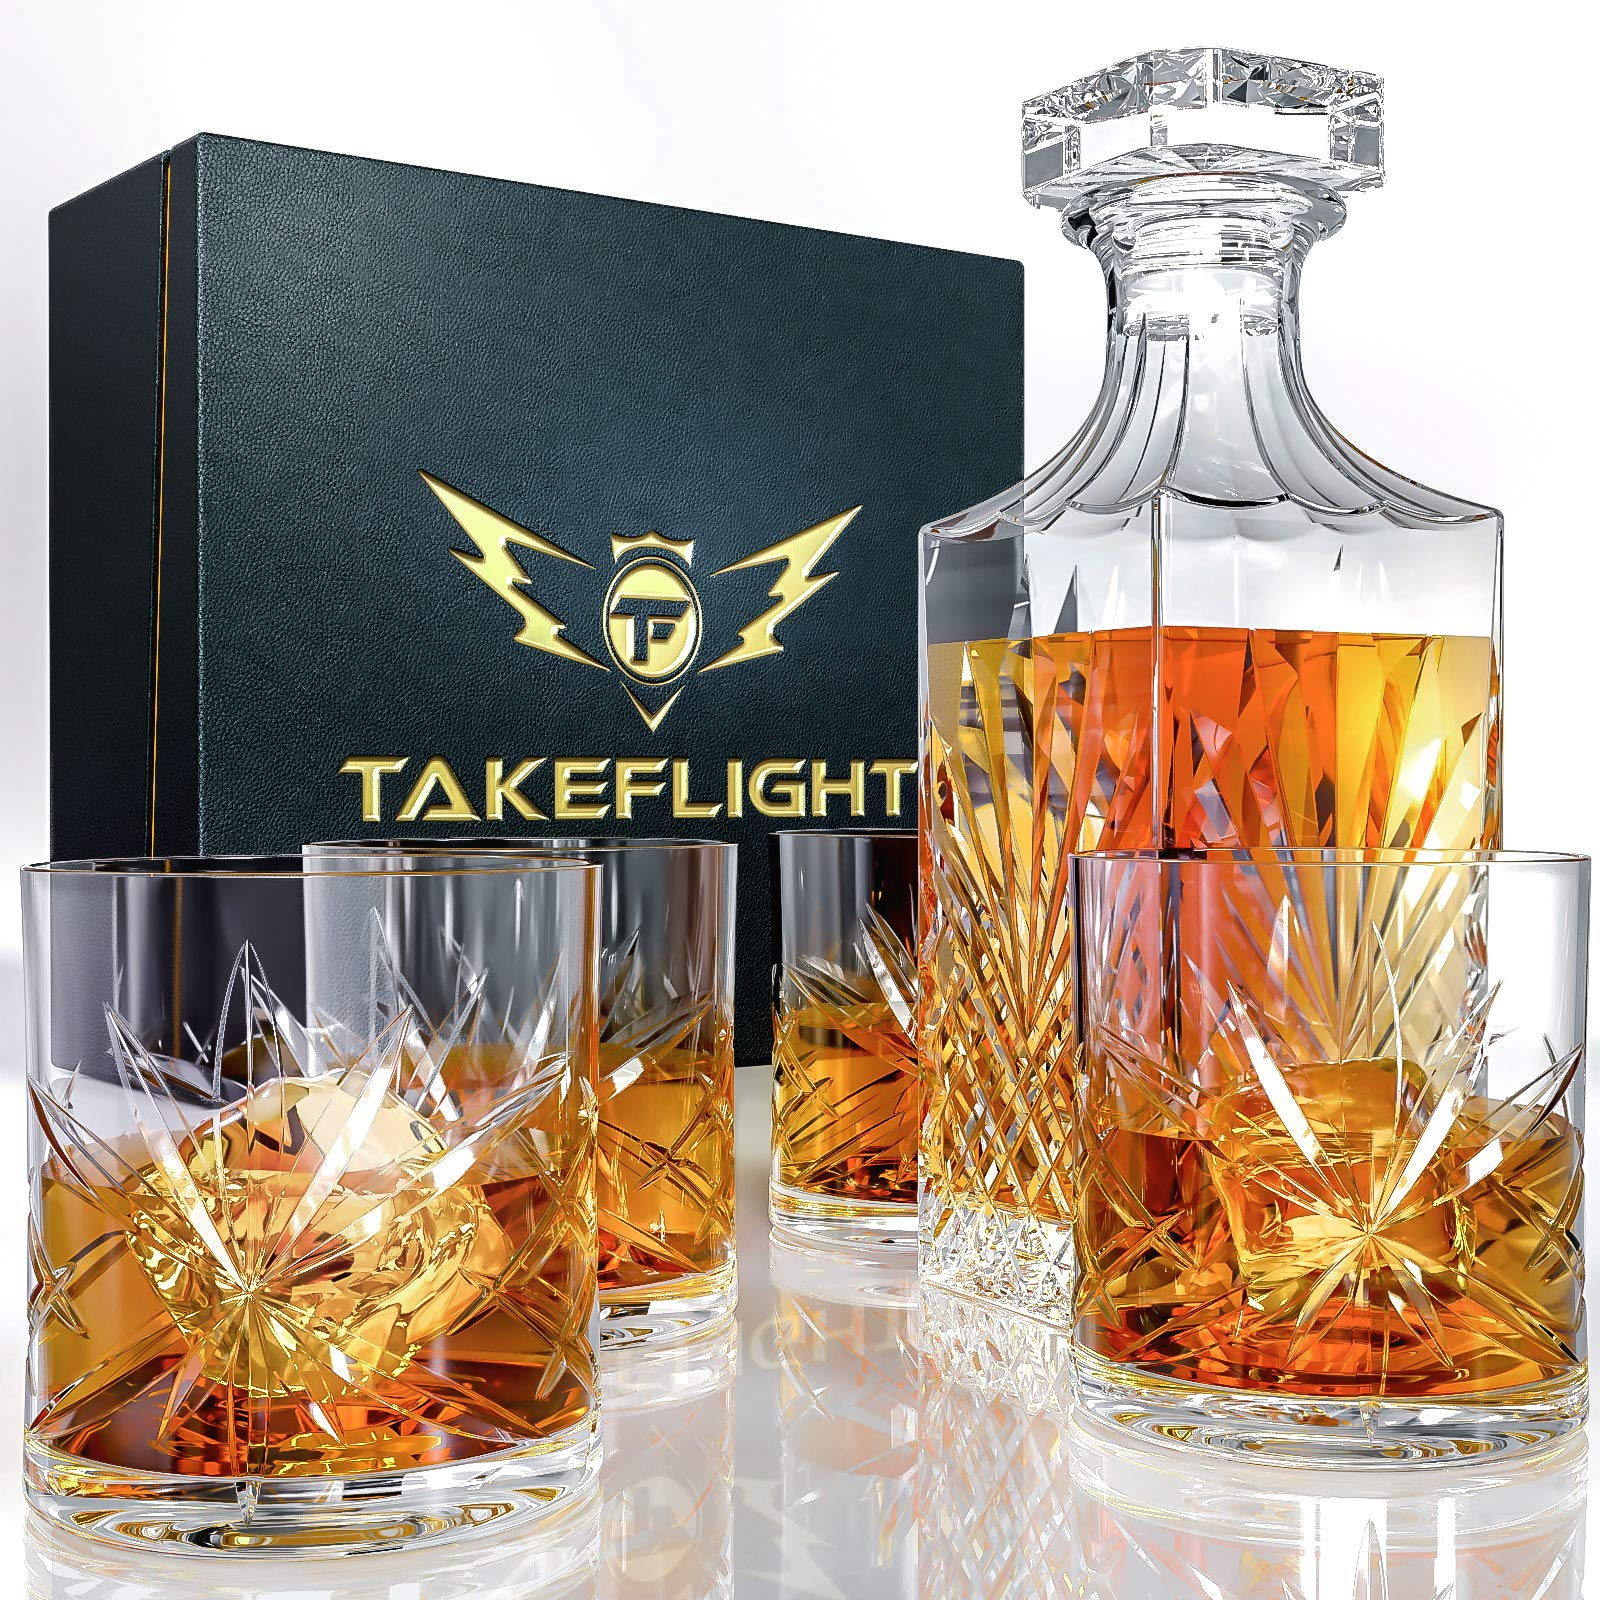 *とウィスキーグラスセット - スコットランドに適した4つの結晶ウイスキーグラスと華やかなスタイル*、バーボンカクテルはヴィンテージファッションメガネシニアギフトボックスに与えられた*バーアクセサリー、男性へのプレゼントされます